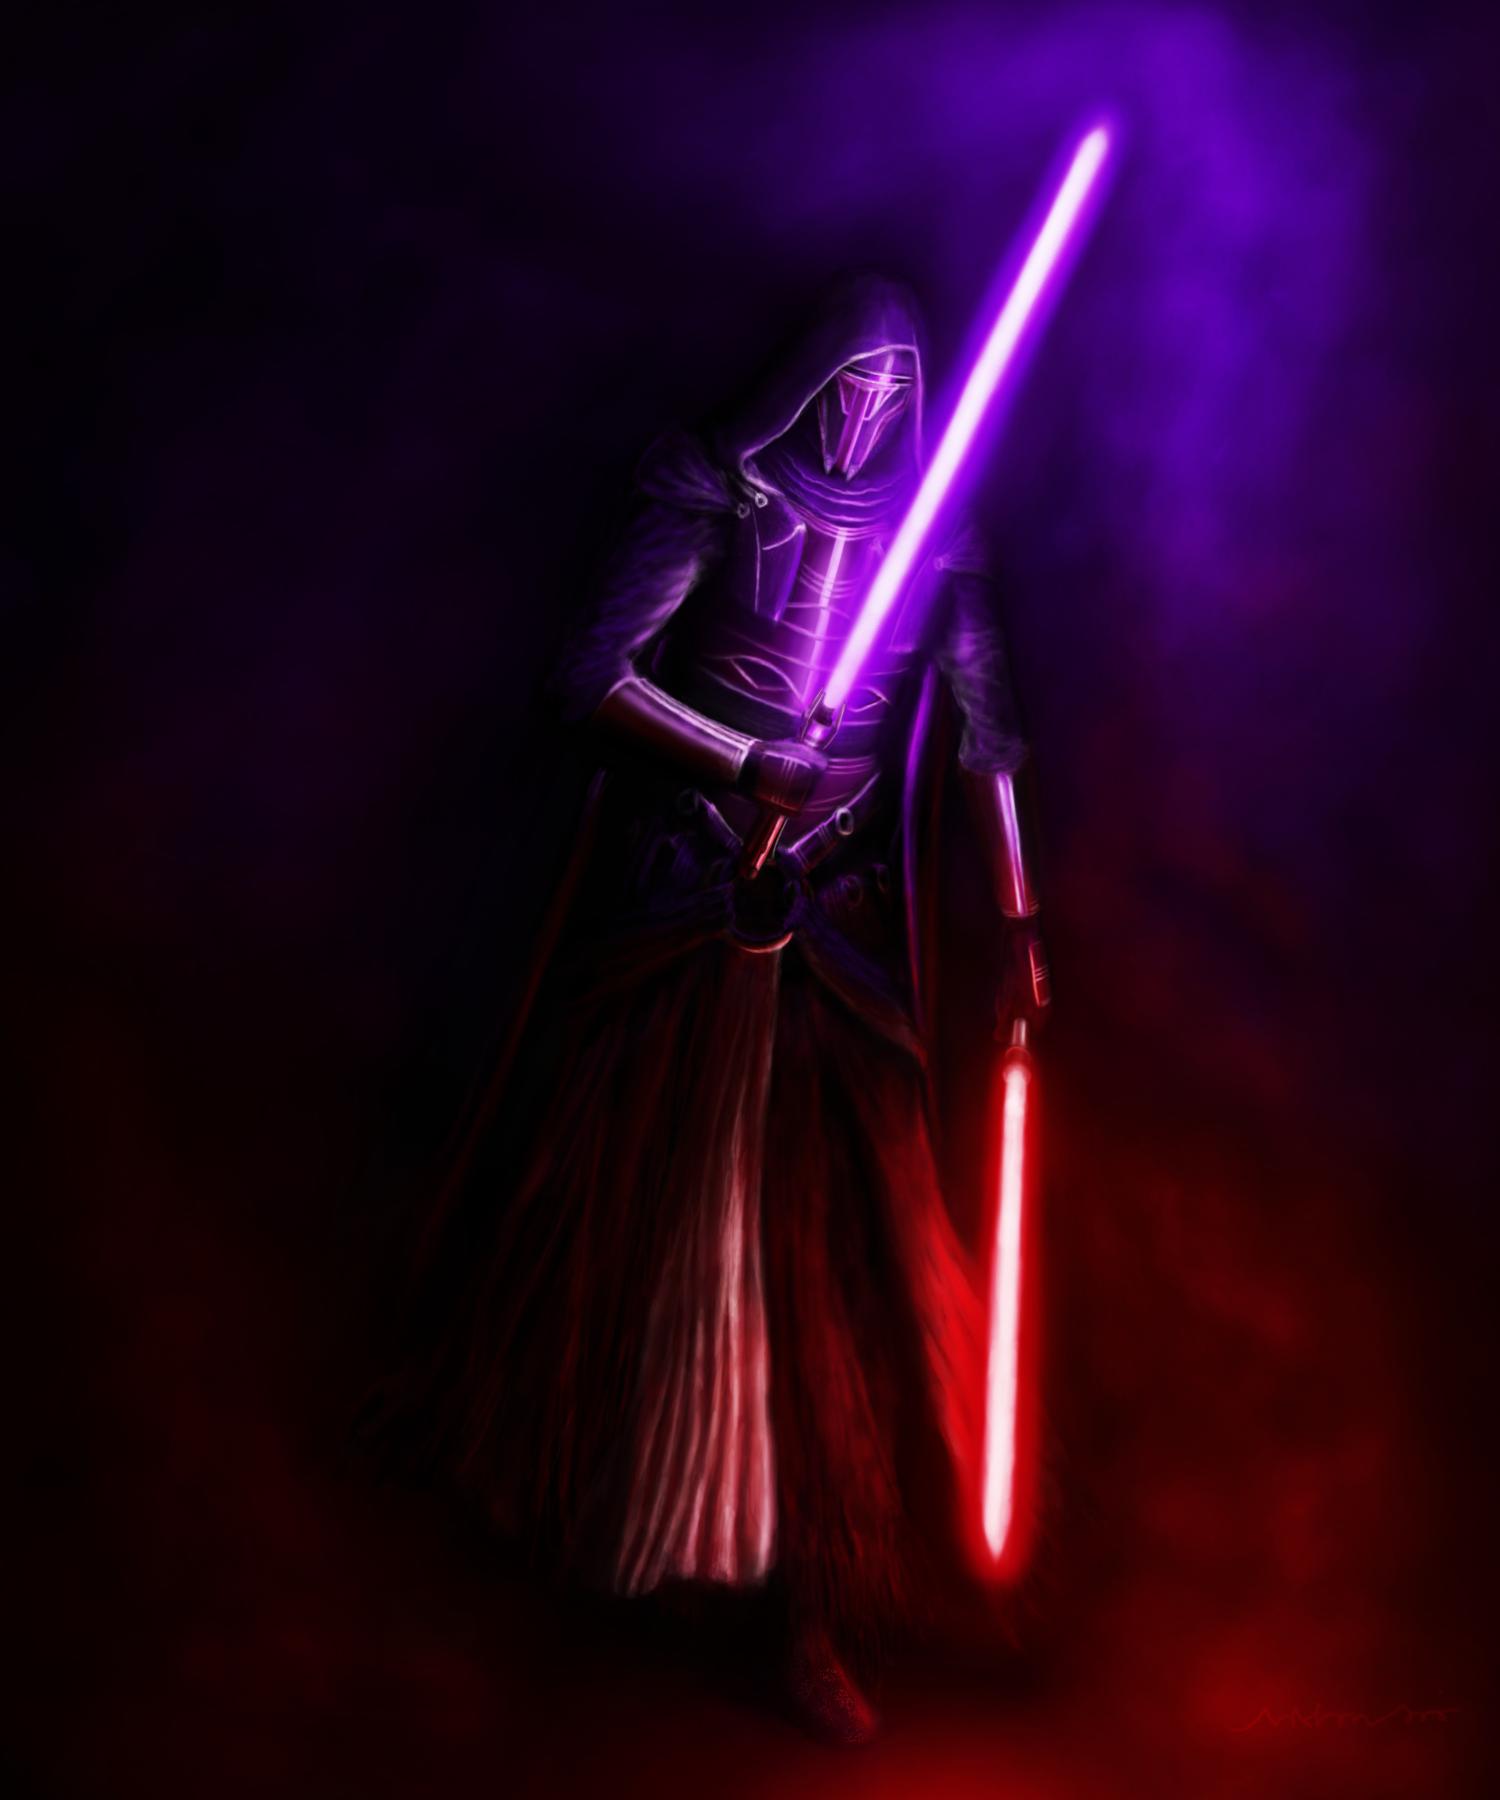 Darth Revan Star Wars Background Star Wars Pictures Star Wars Wallpaper